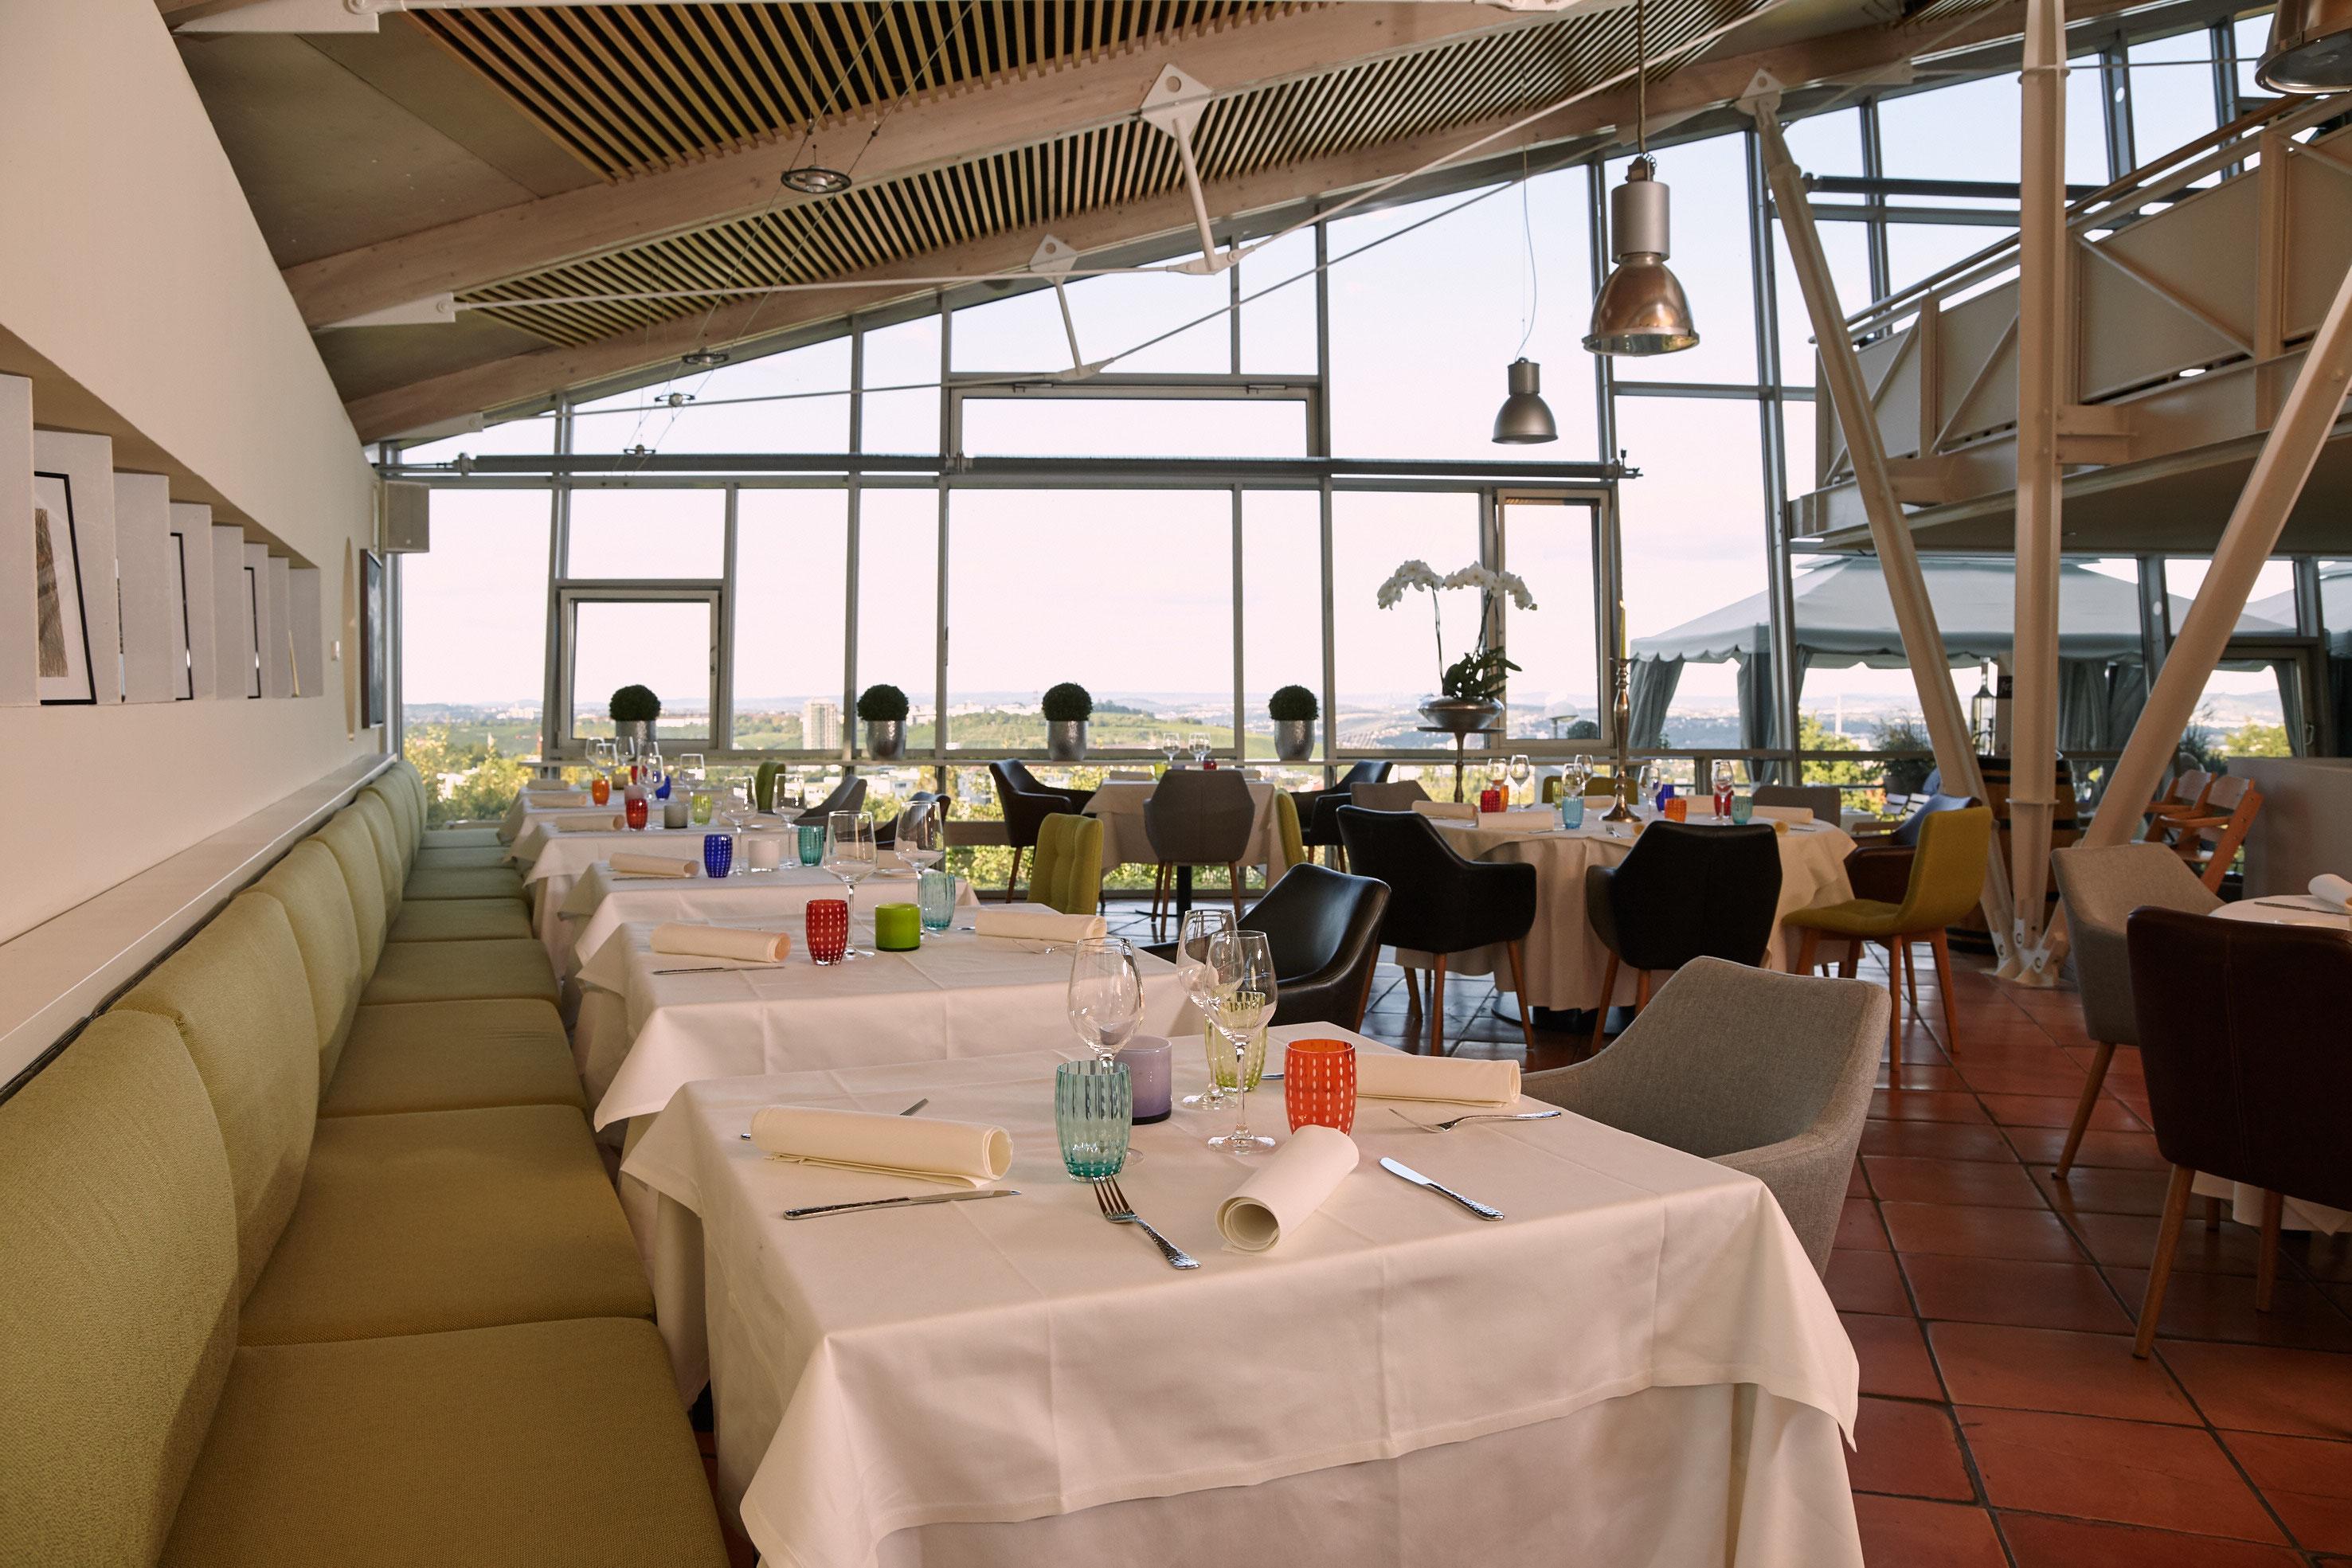 Galerie restaurant il quinto quarto for Il quinto quarto